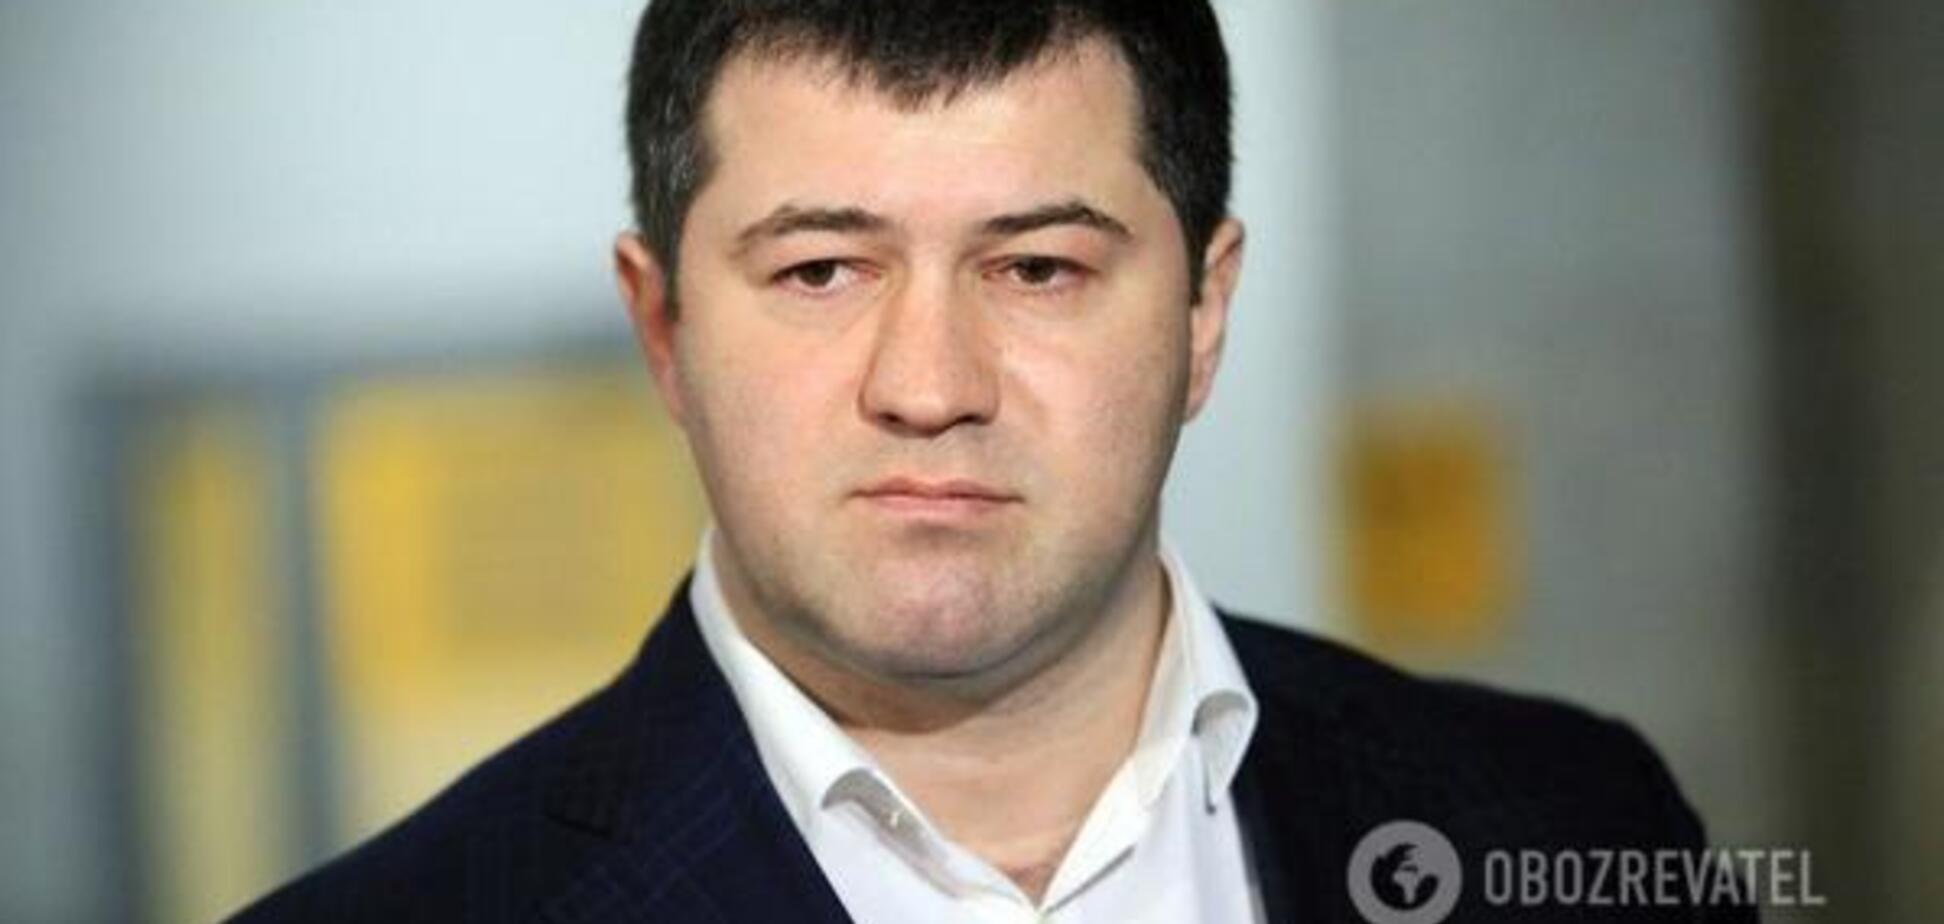 'Это циничная ложь!' Насиров намерен обратиться в суд за распространение недостоверной информации в СМИ